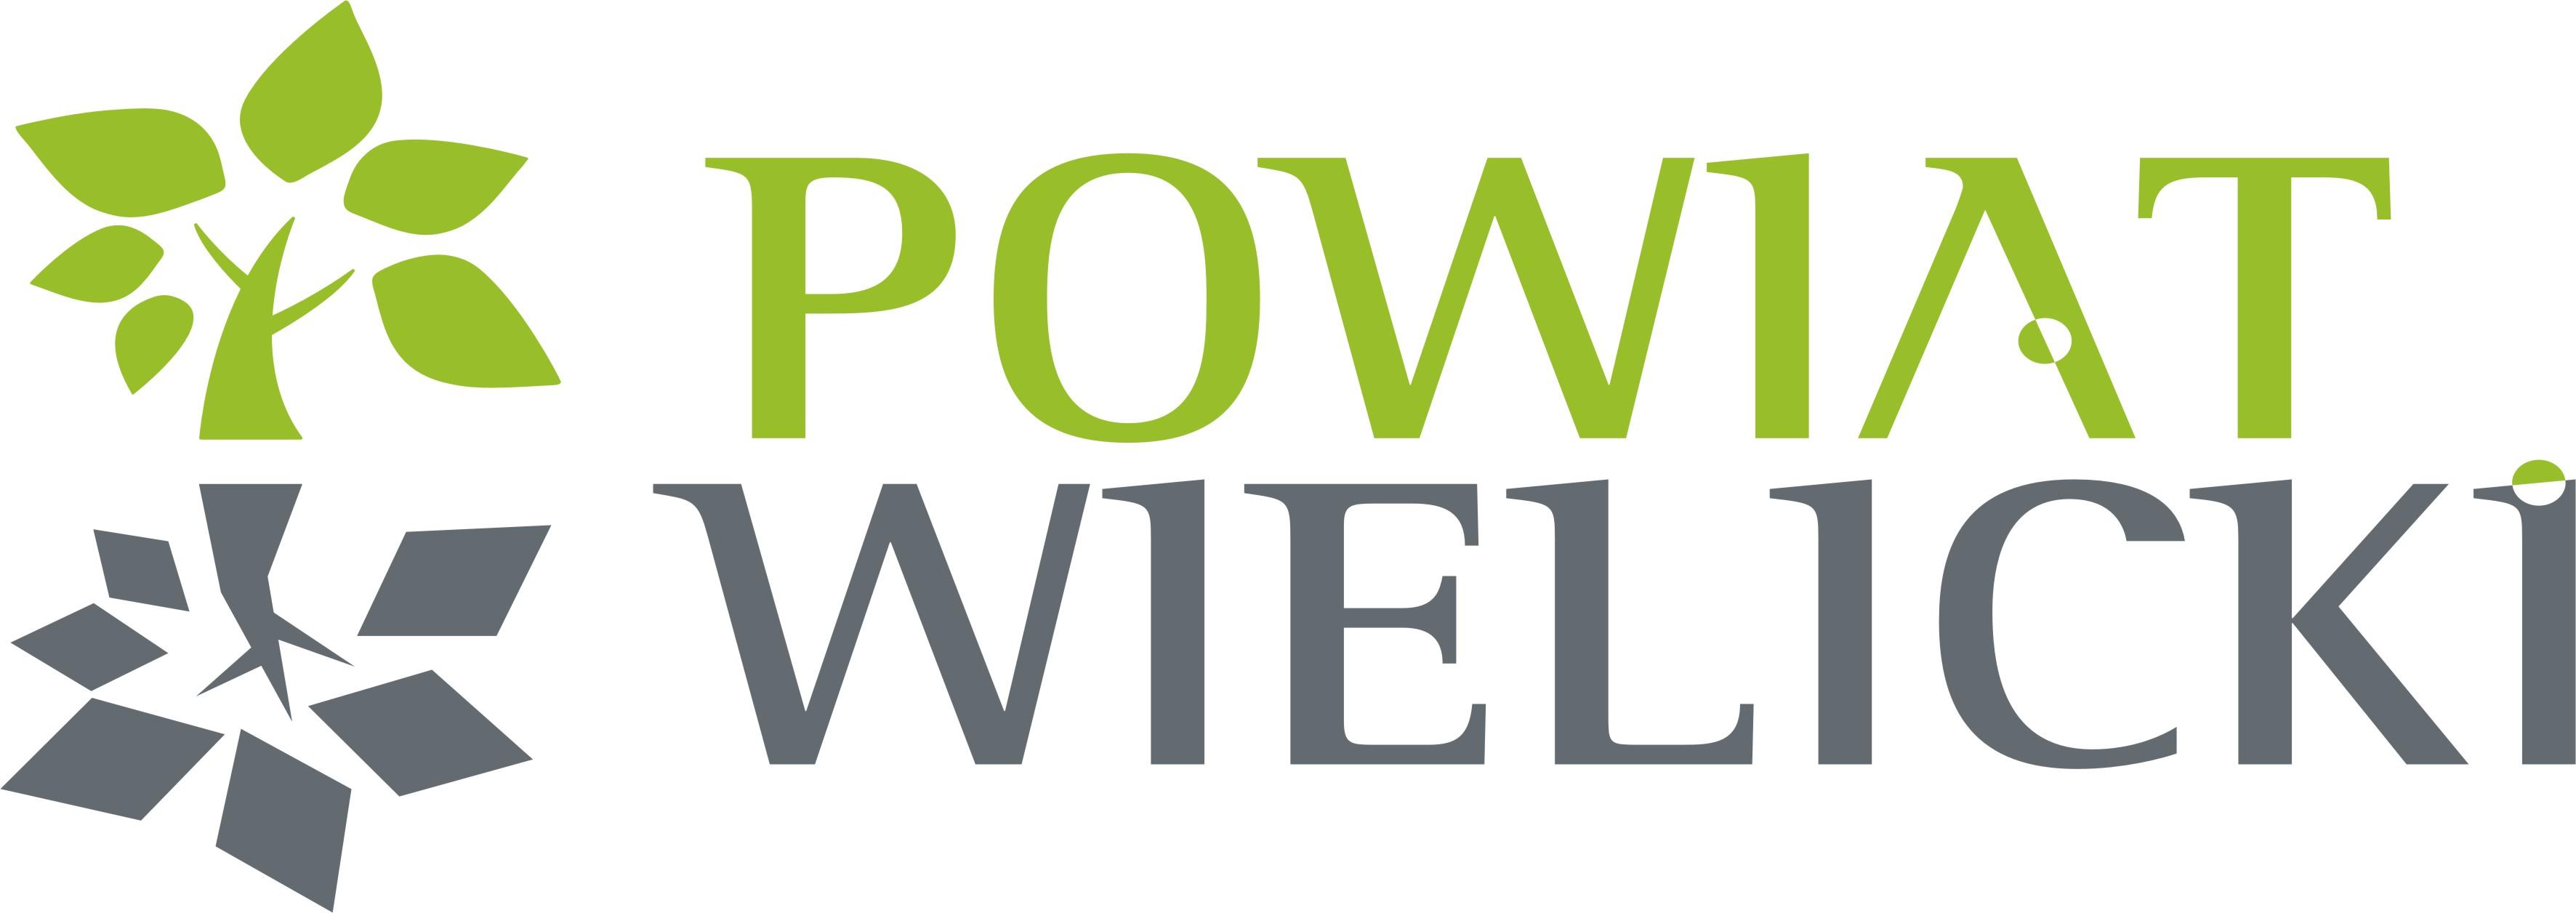 logo_powiatwielicki